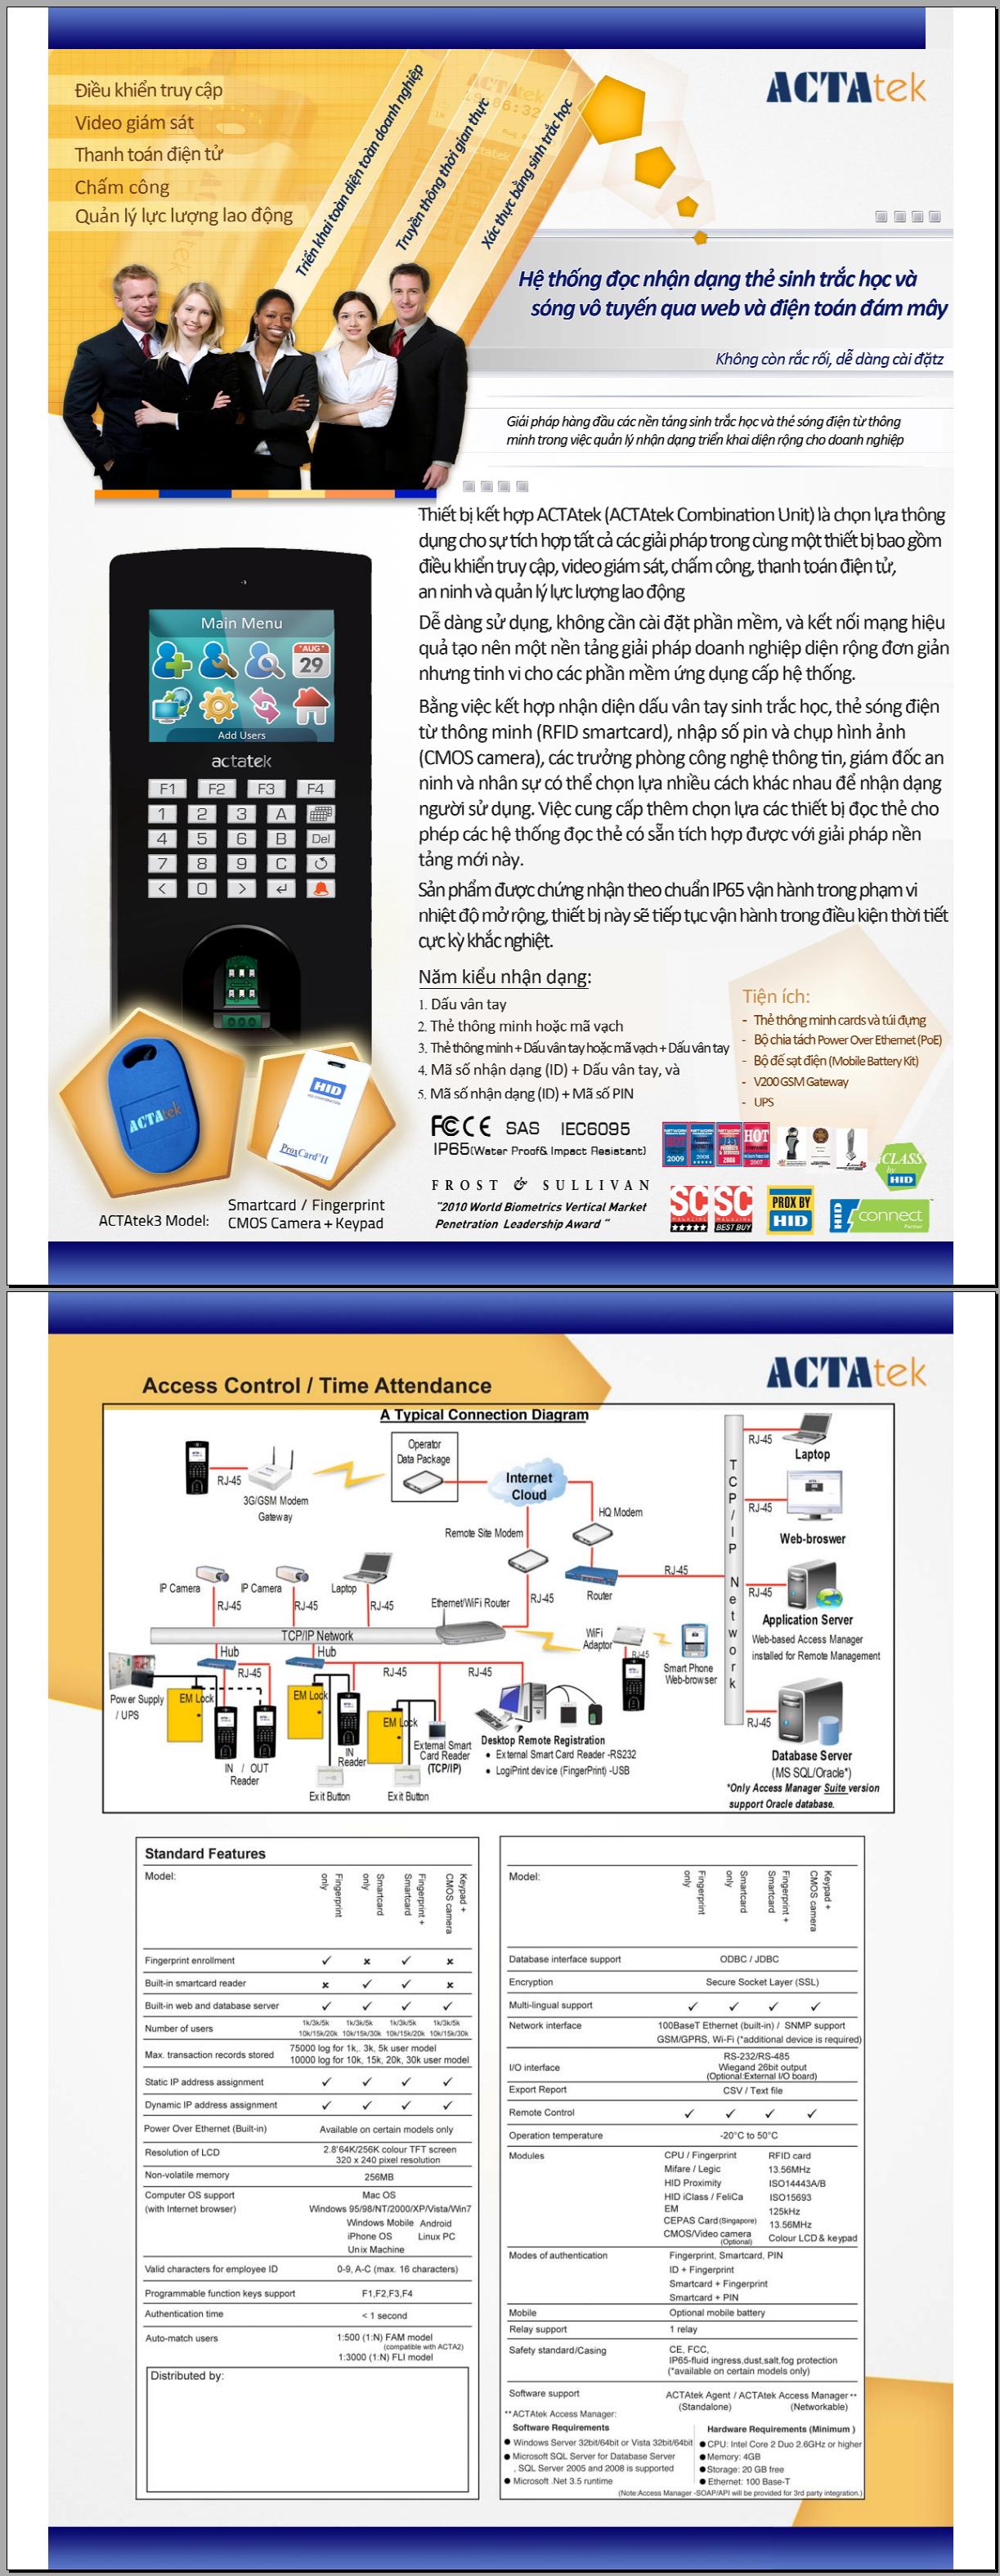 Actatek3 spec